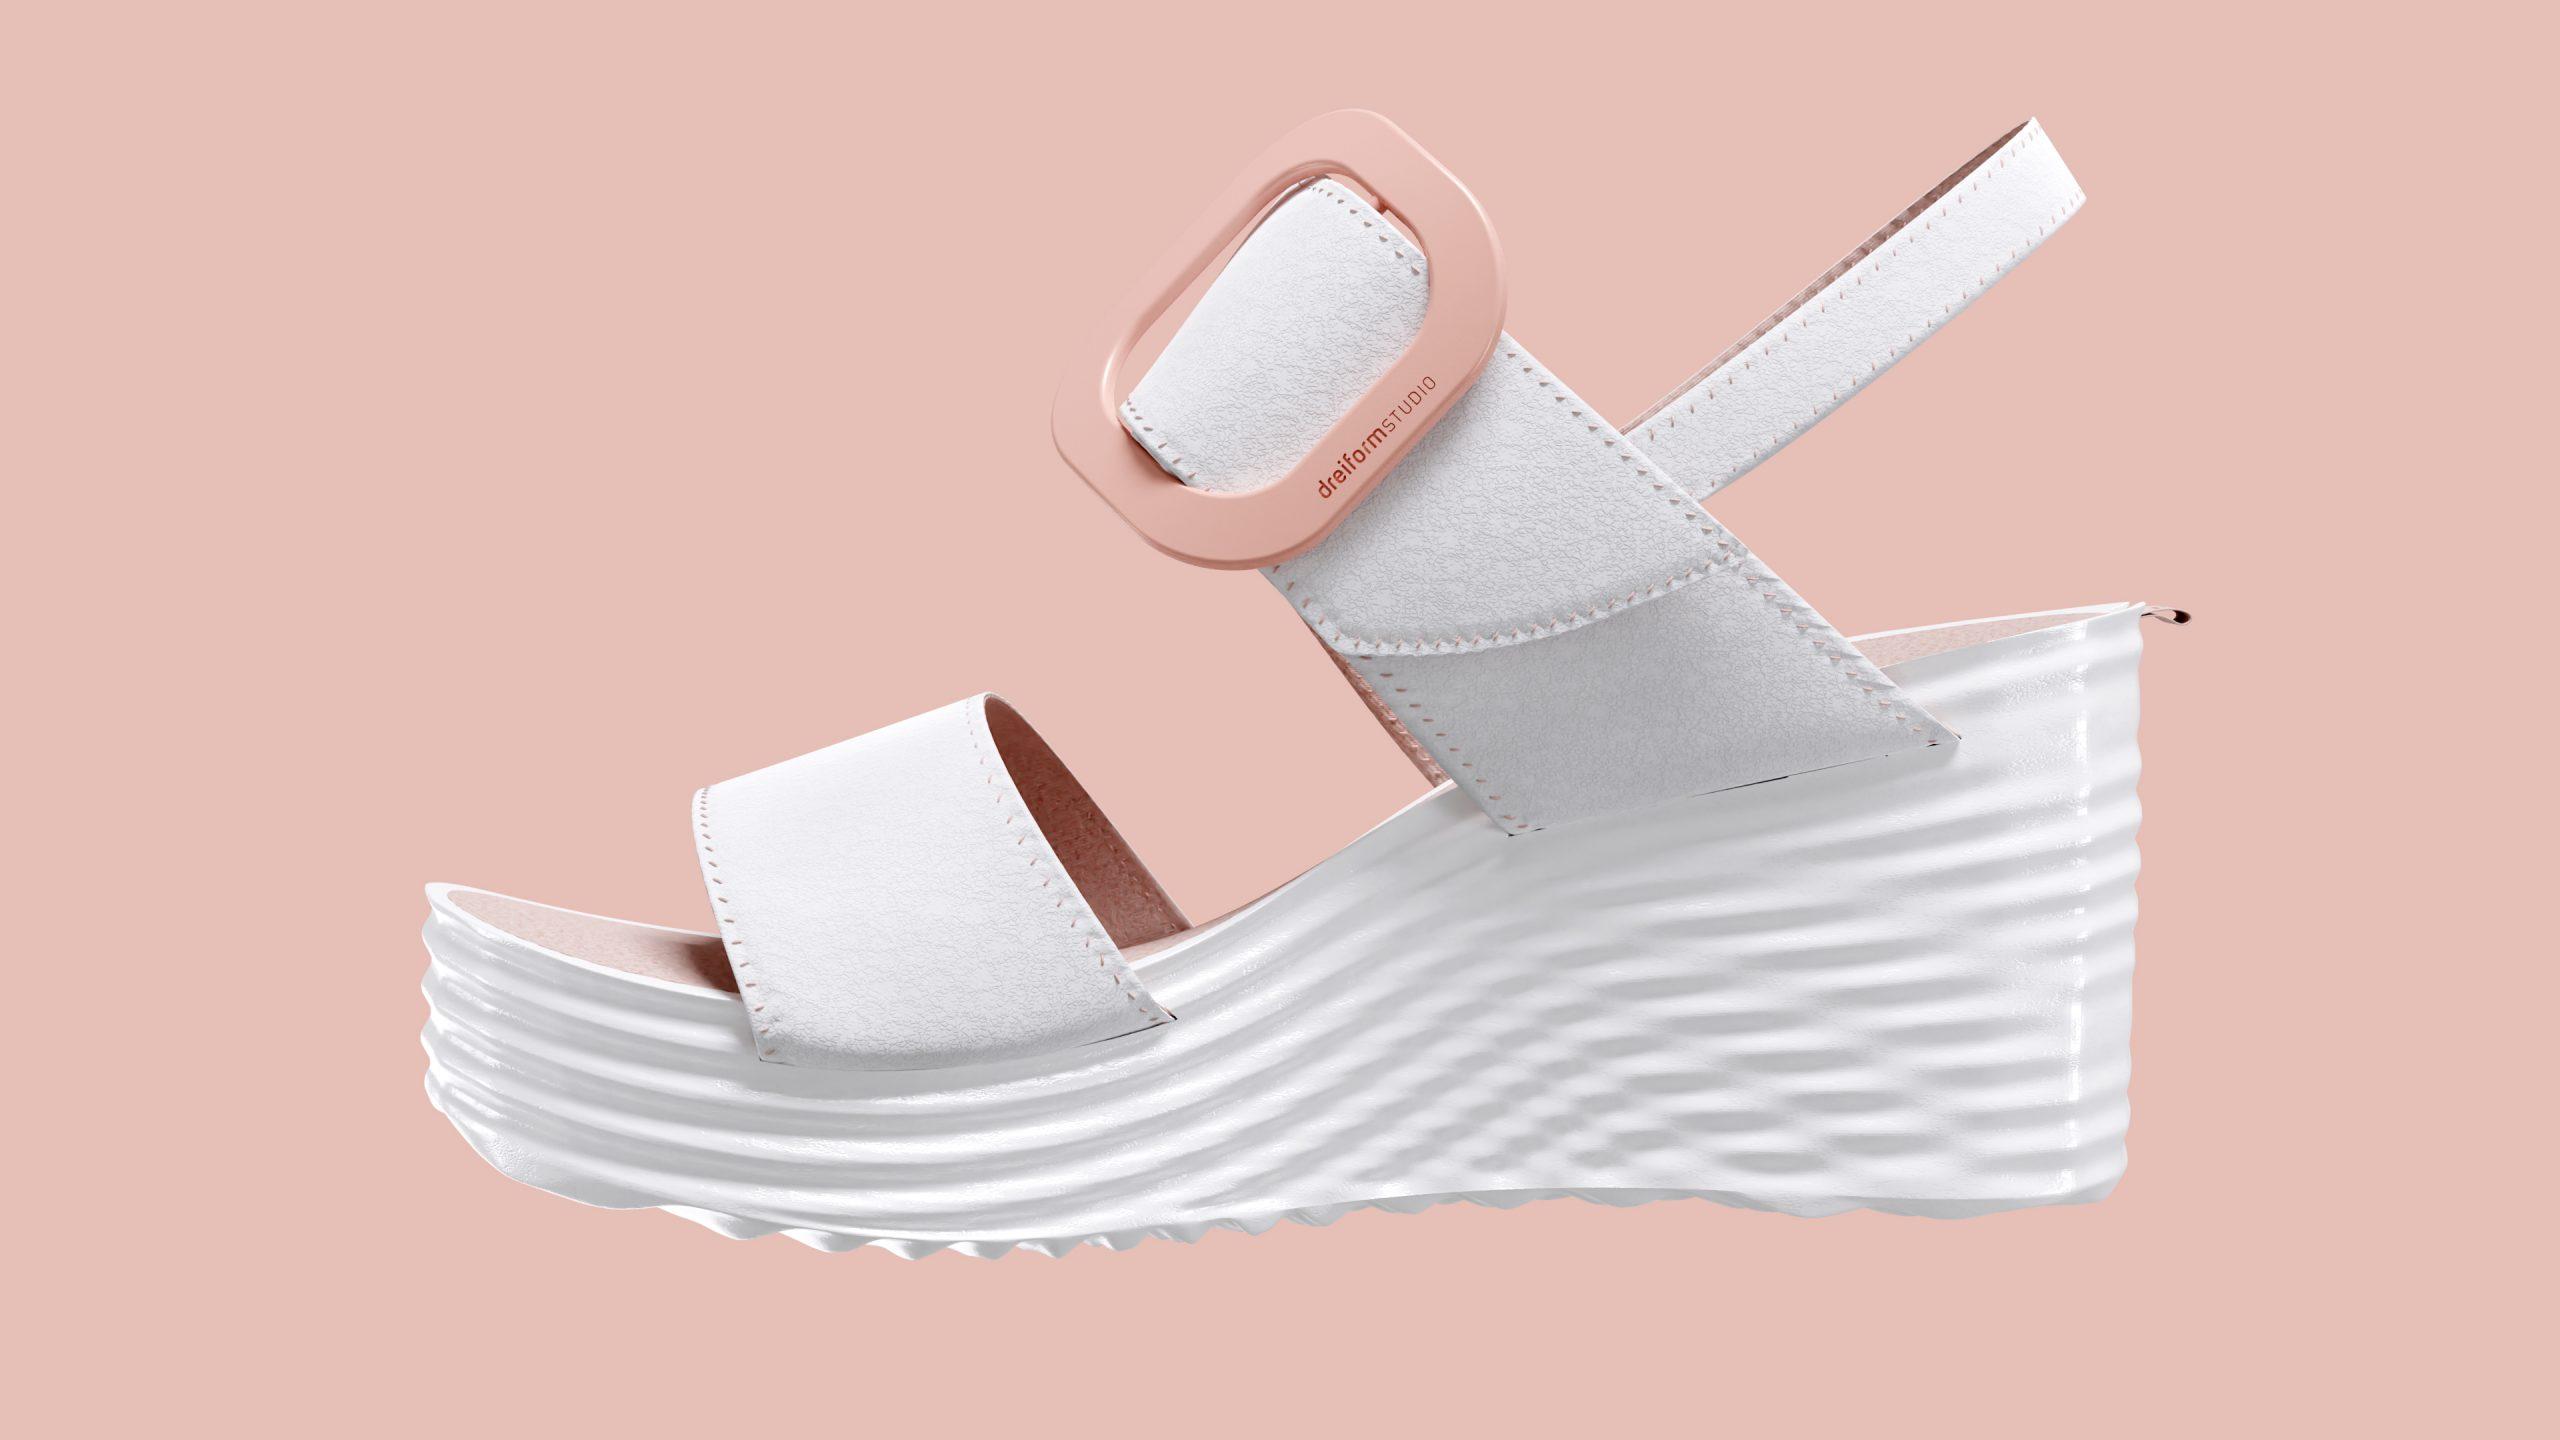 dreiformstudio white concept wedge sandals on peach background, sideview